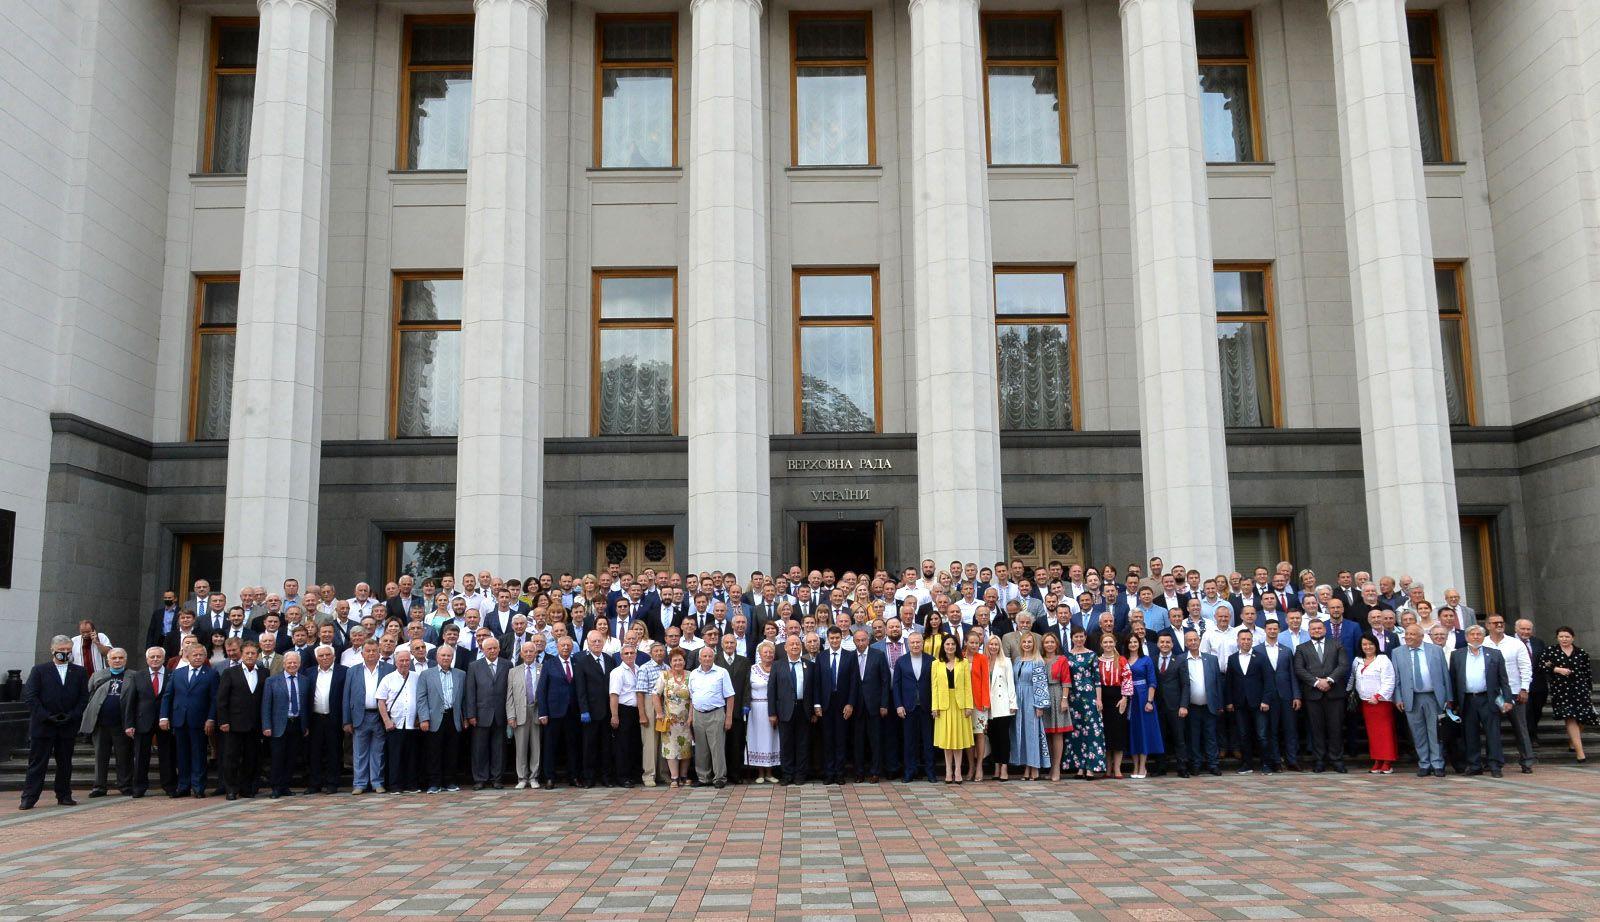 З ухваленням Декларації відбулося відновлення українського парламентаризму